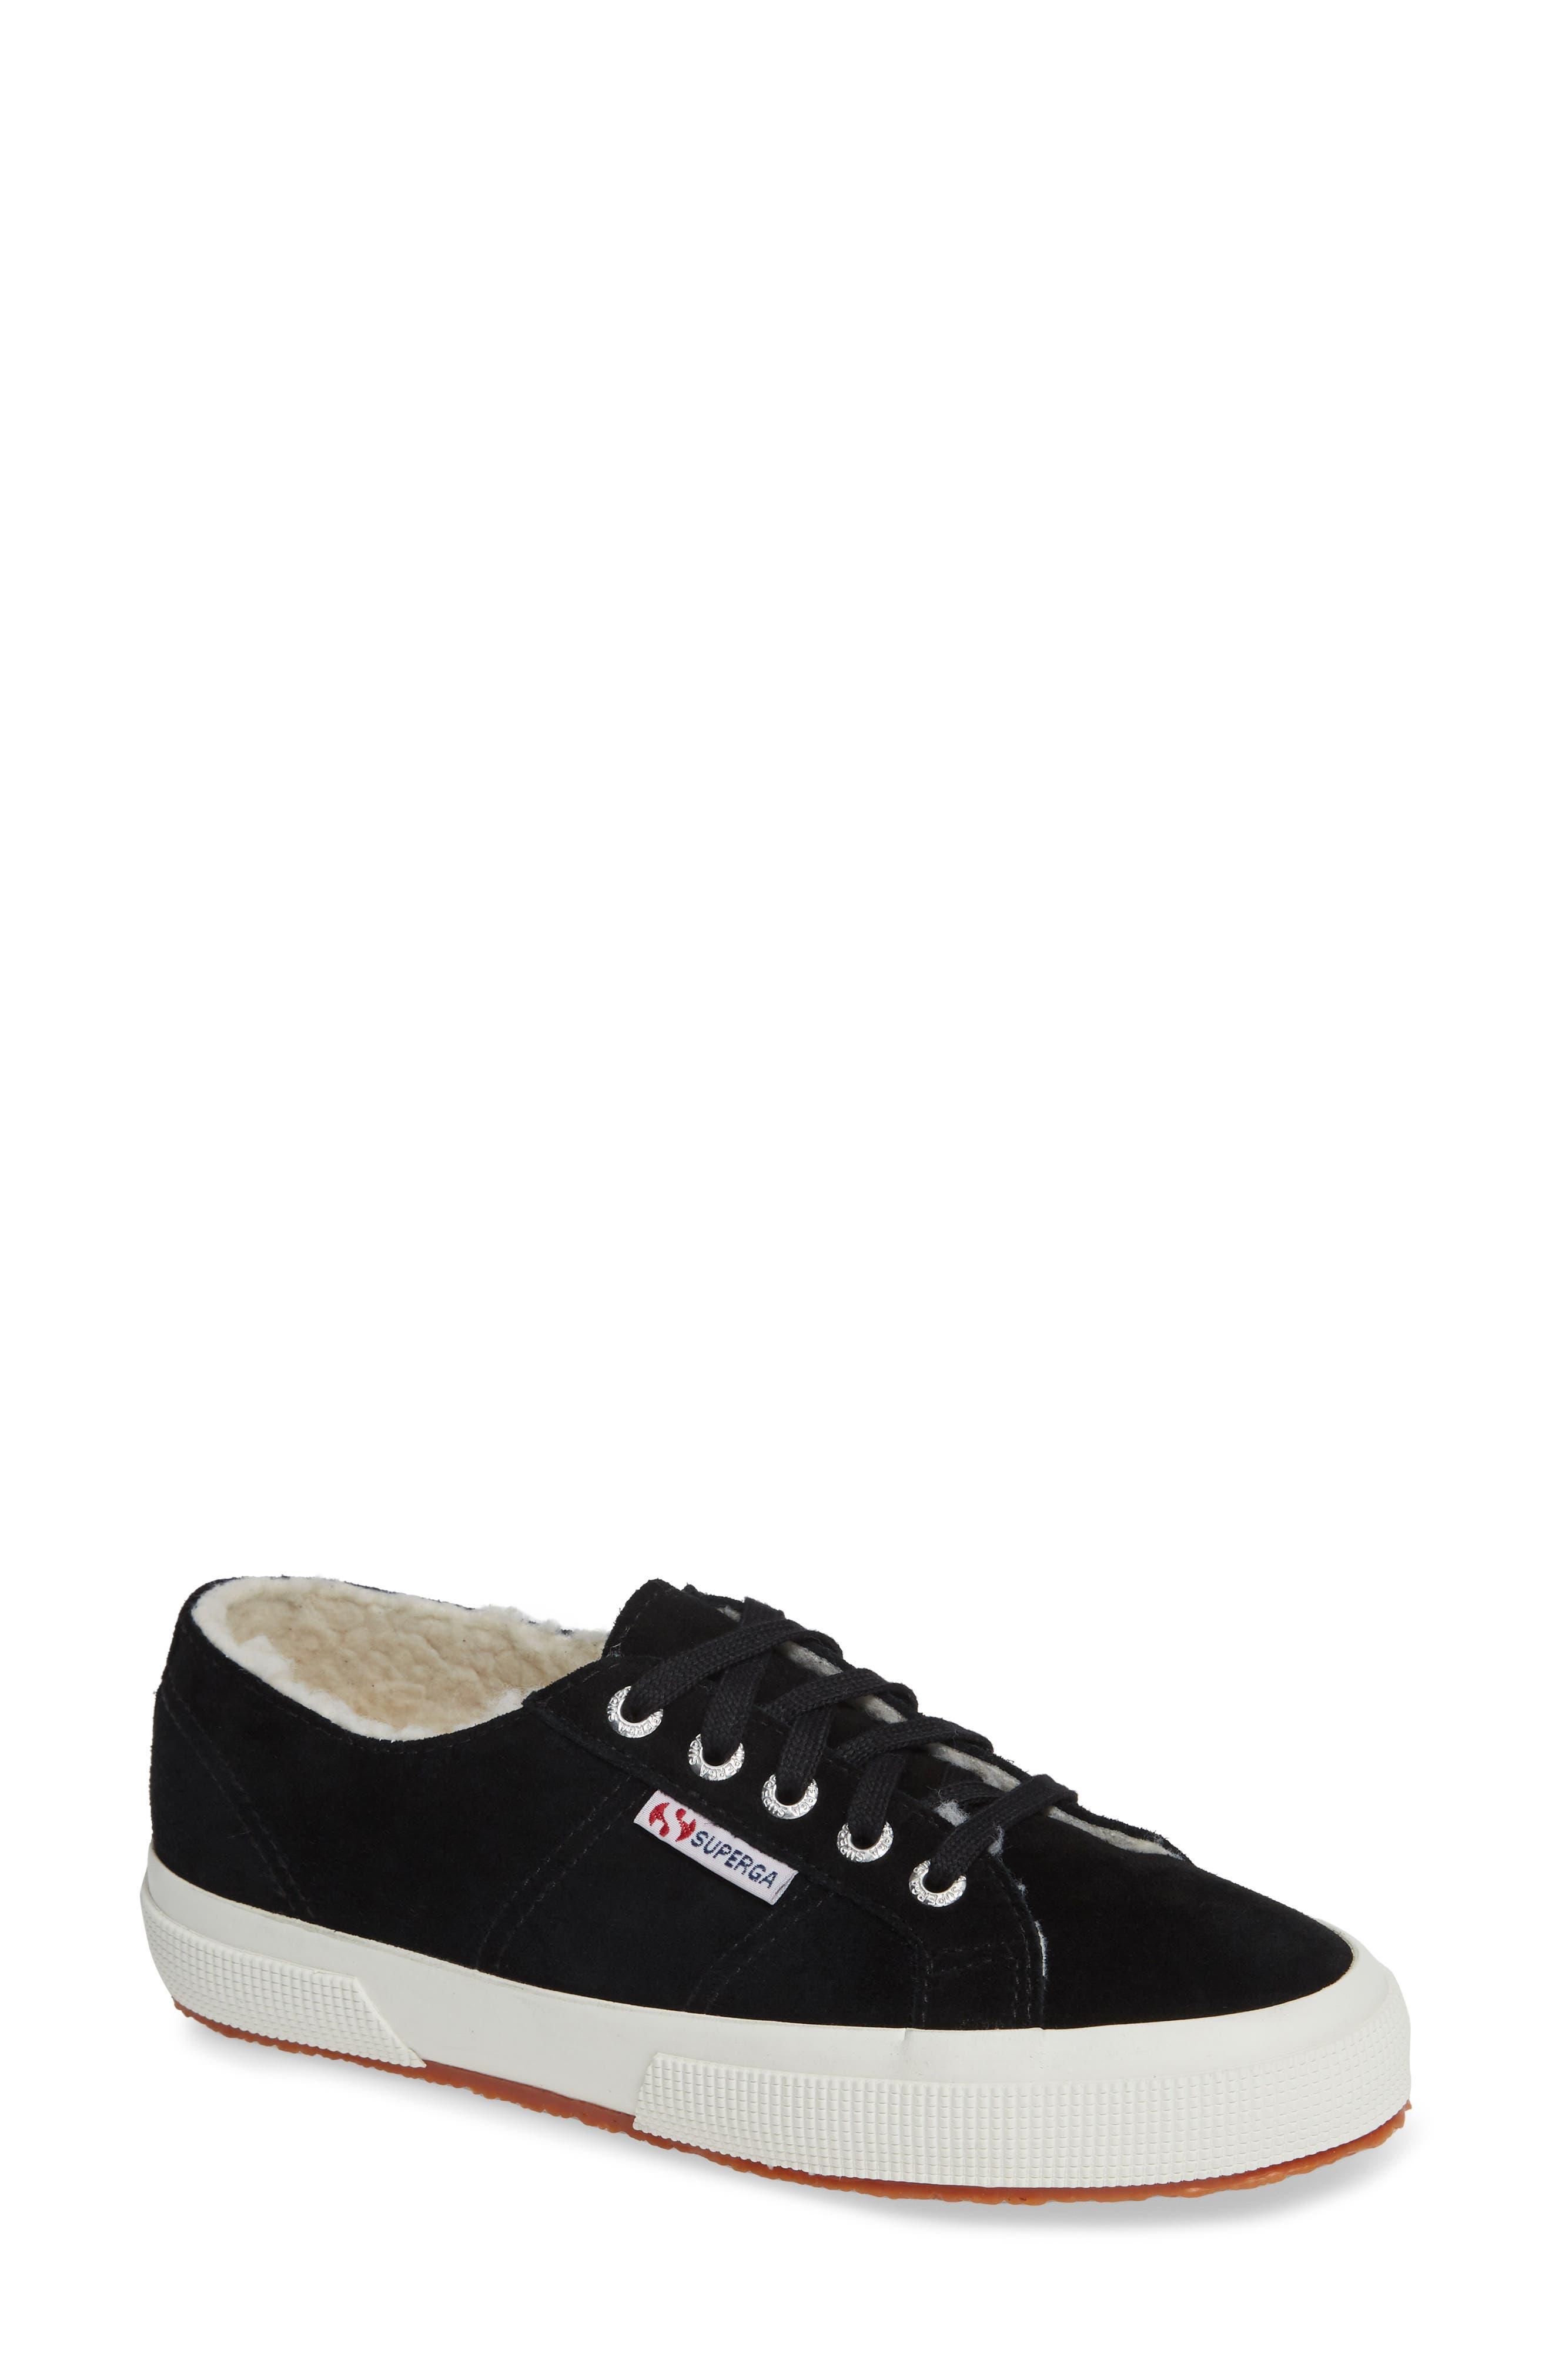 2750 Suefurw Sneaker,                         Main,                         color, BLACK SUEDE